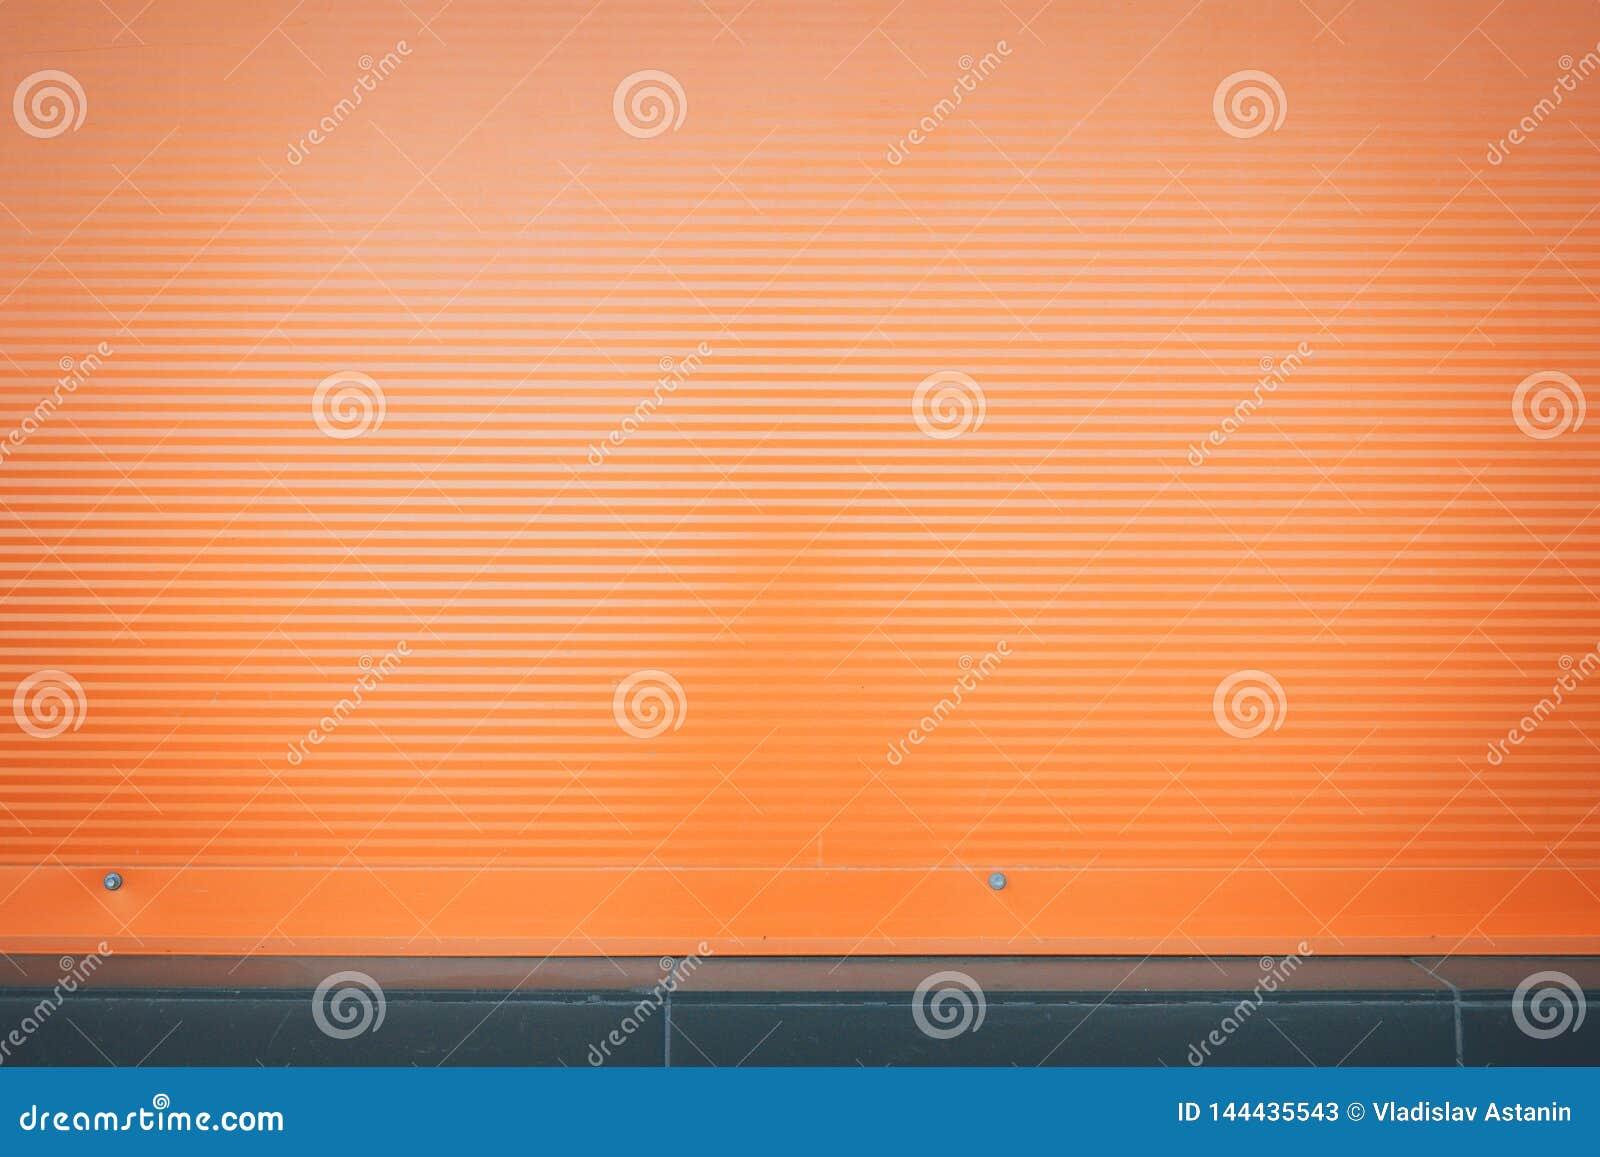 Fondo a strisce orizzontale arancio con le ombre dai lati